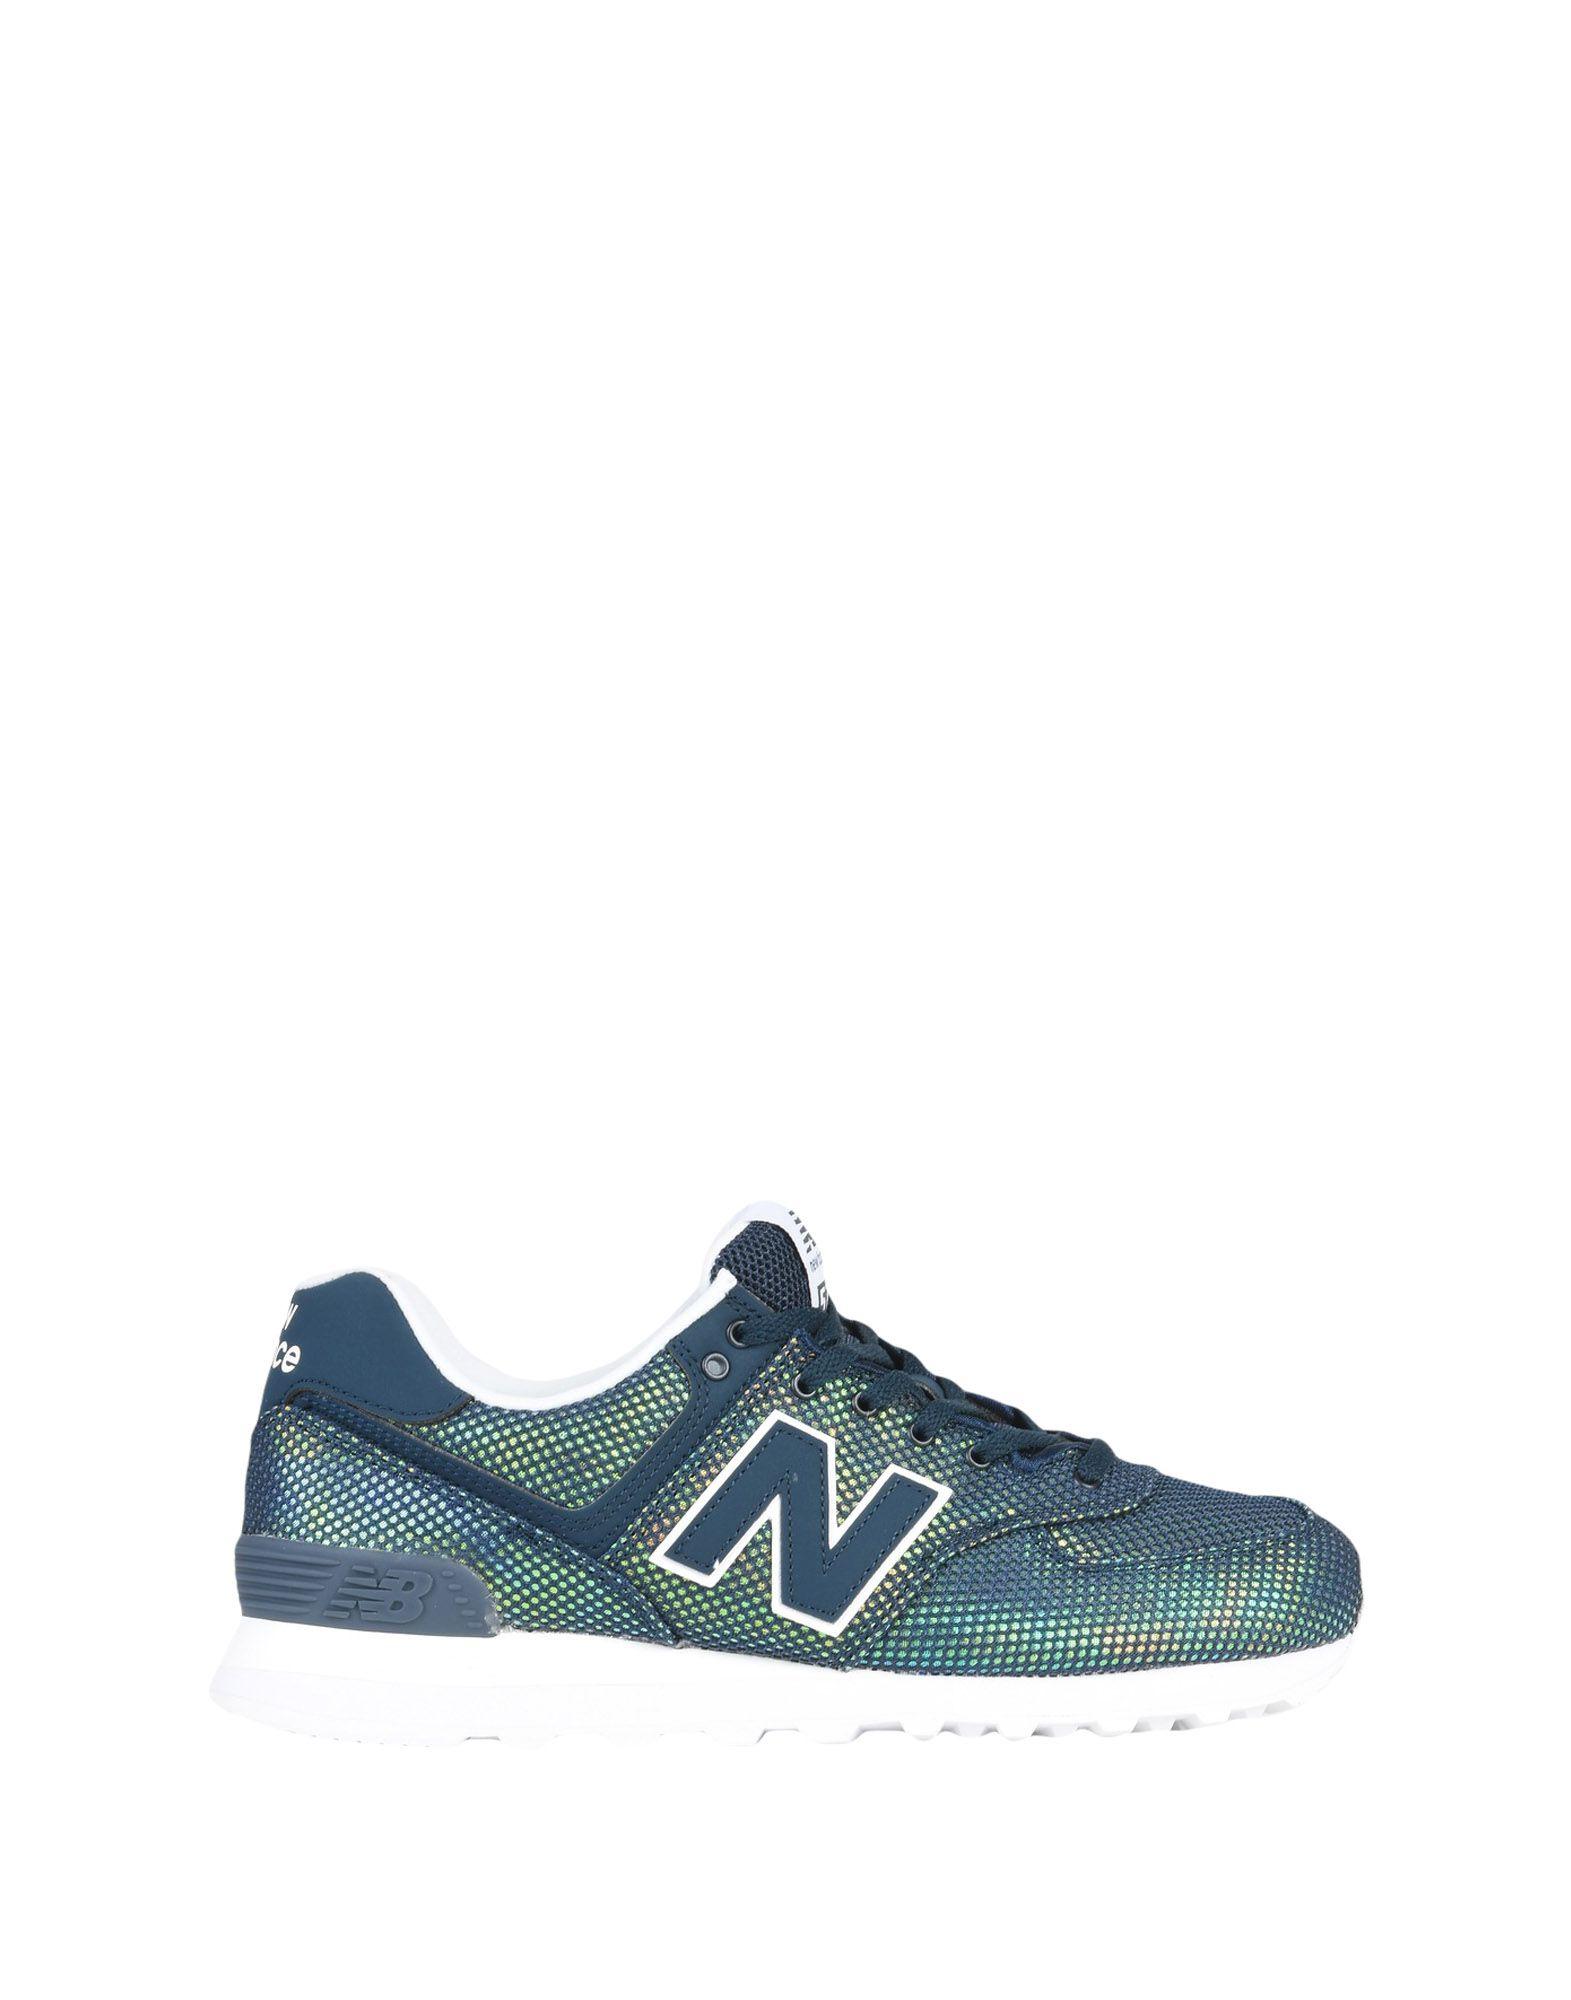 New Balance 574 Luminescent Mermaid  Gute 11489476BX Gute  Qualität beliebte Schuhe 7f7062